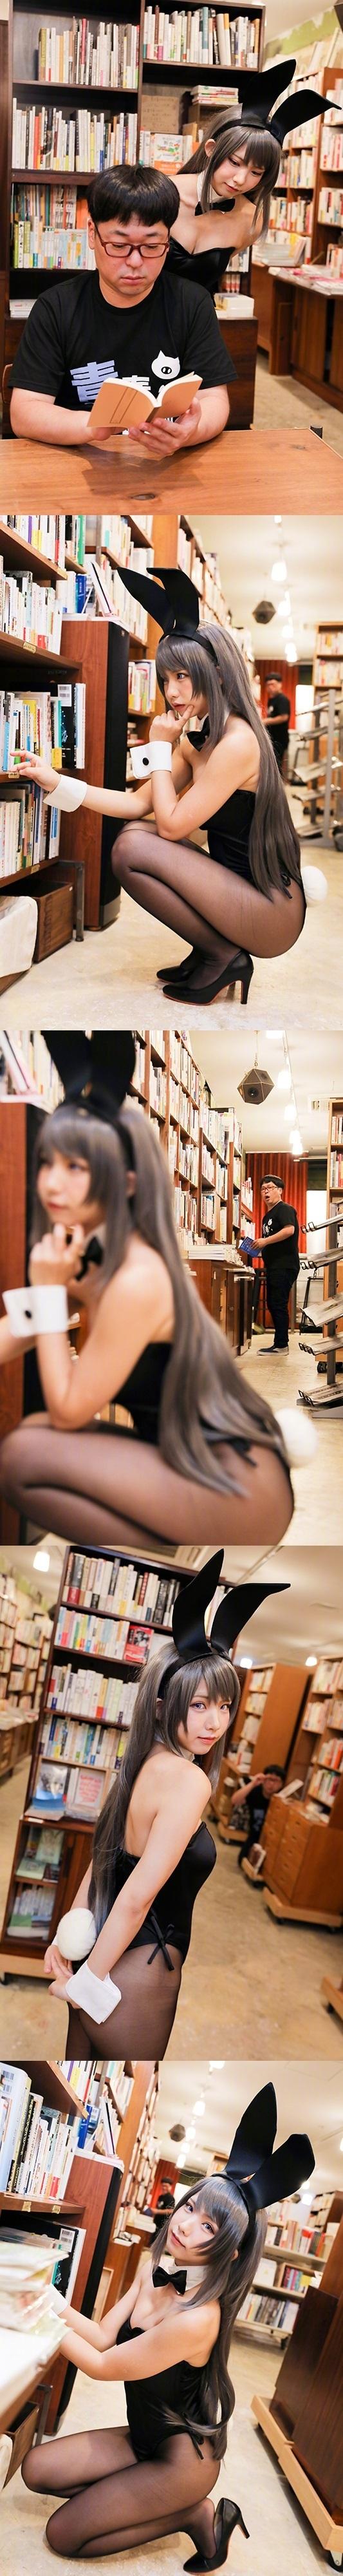 Seishun Buta Yarou wa Bunny Girl Senpai no Yume o Minai Cosplay by Enako